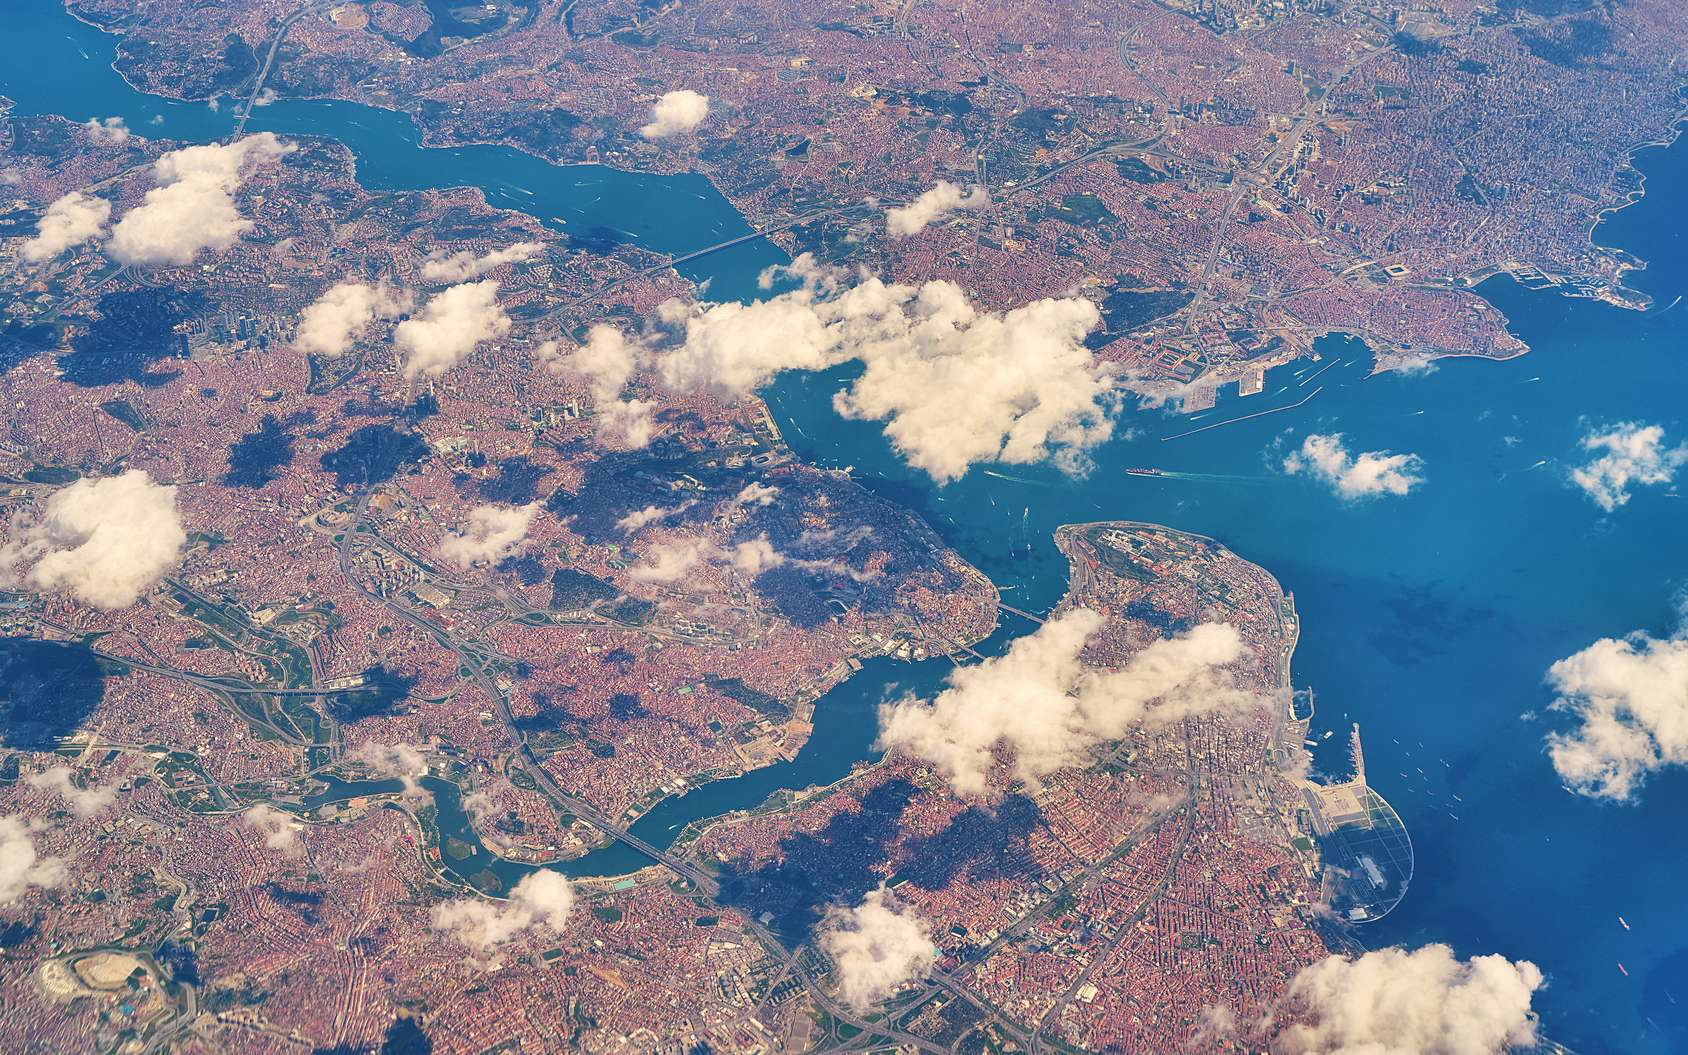 Vue aérienne du Détroit du Bosphore, avec la ville d'Istanbul et la mer de Marmara. © Berezko, Fotolia